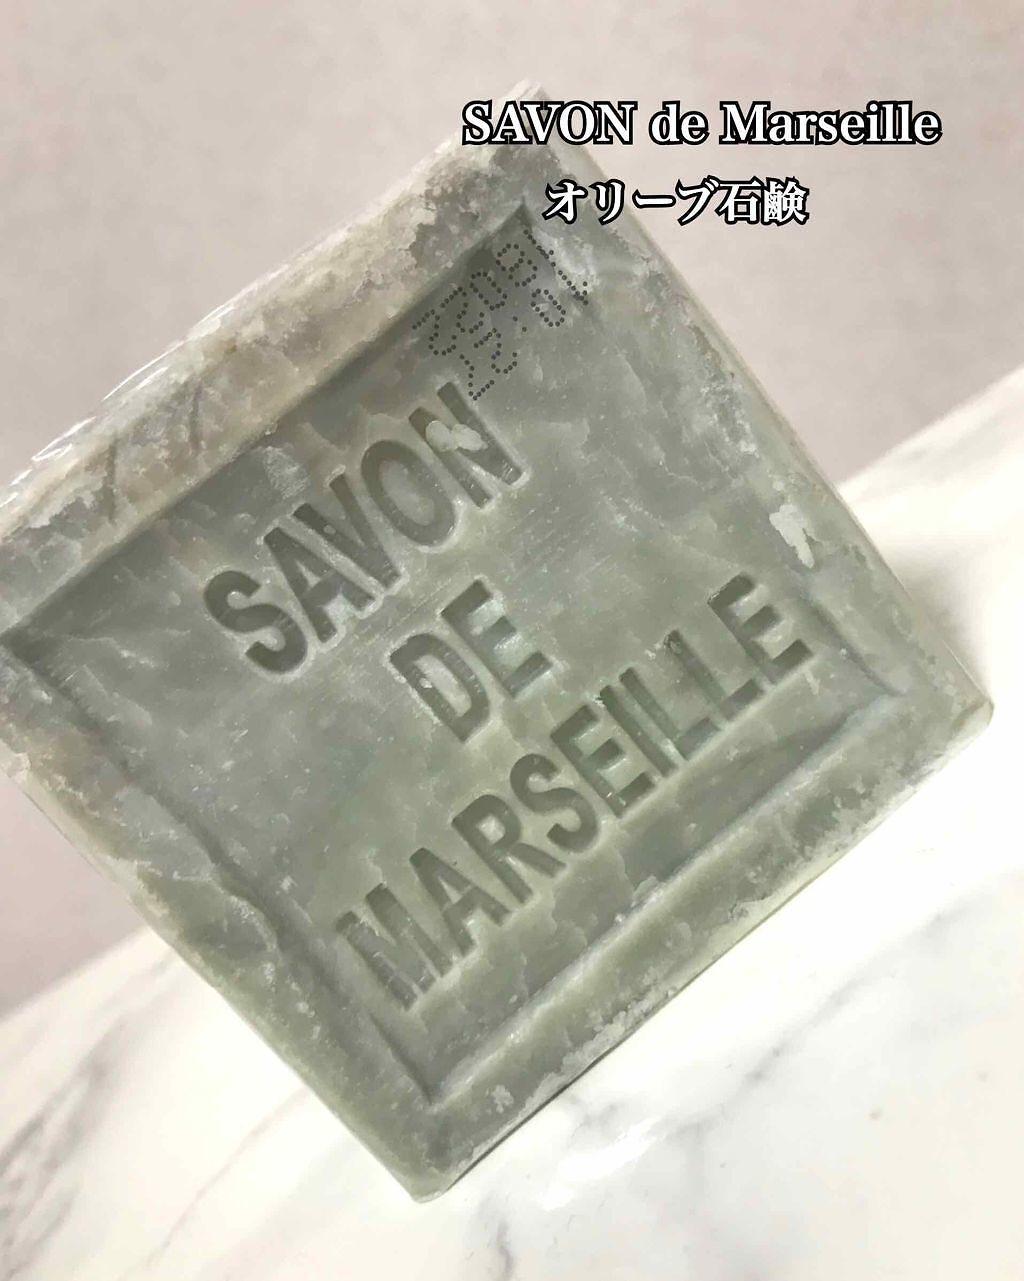 サヴォン ド マルセイユ オリーブ石鹸 ル セライユ